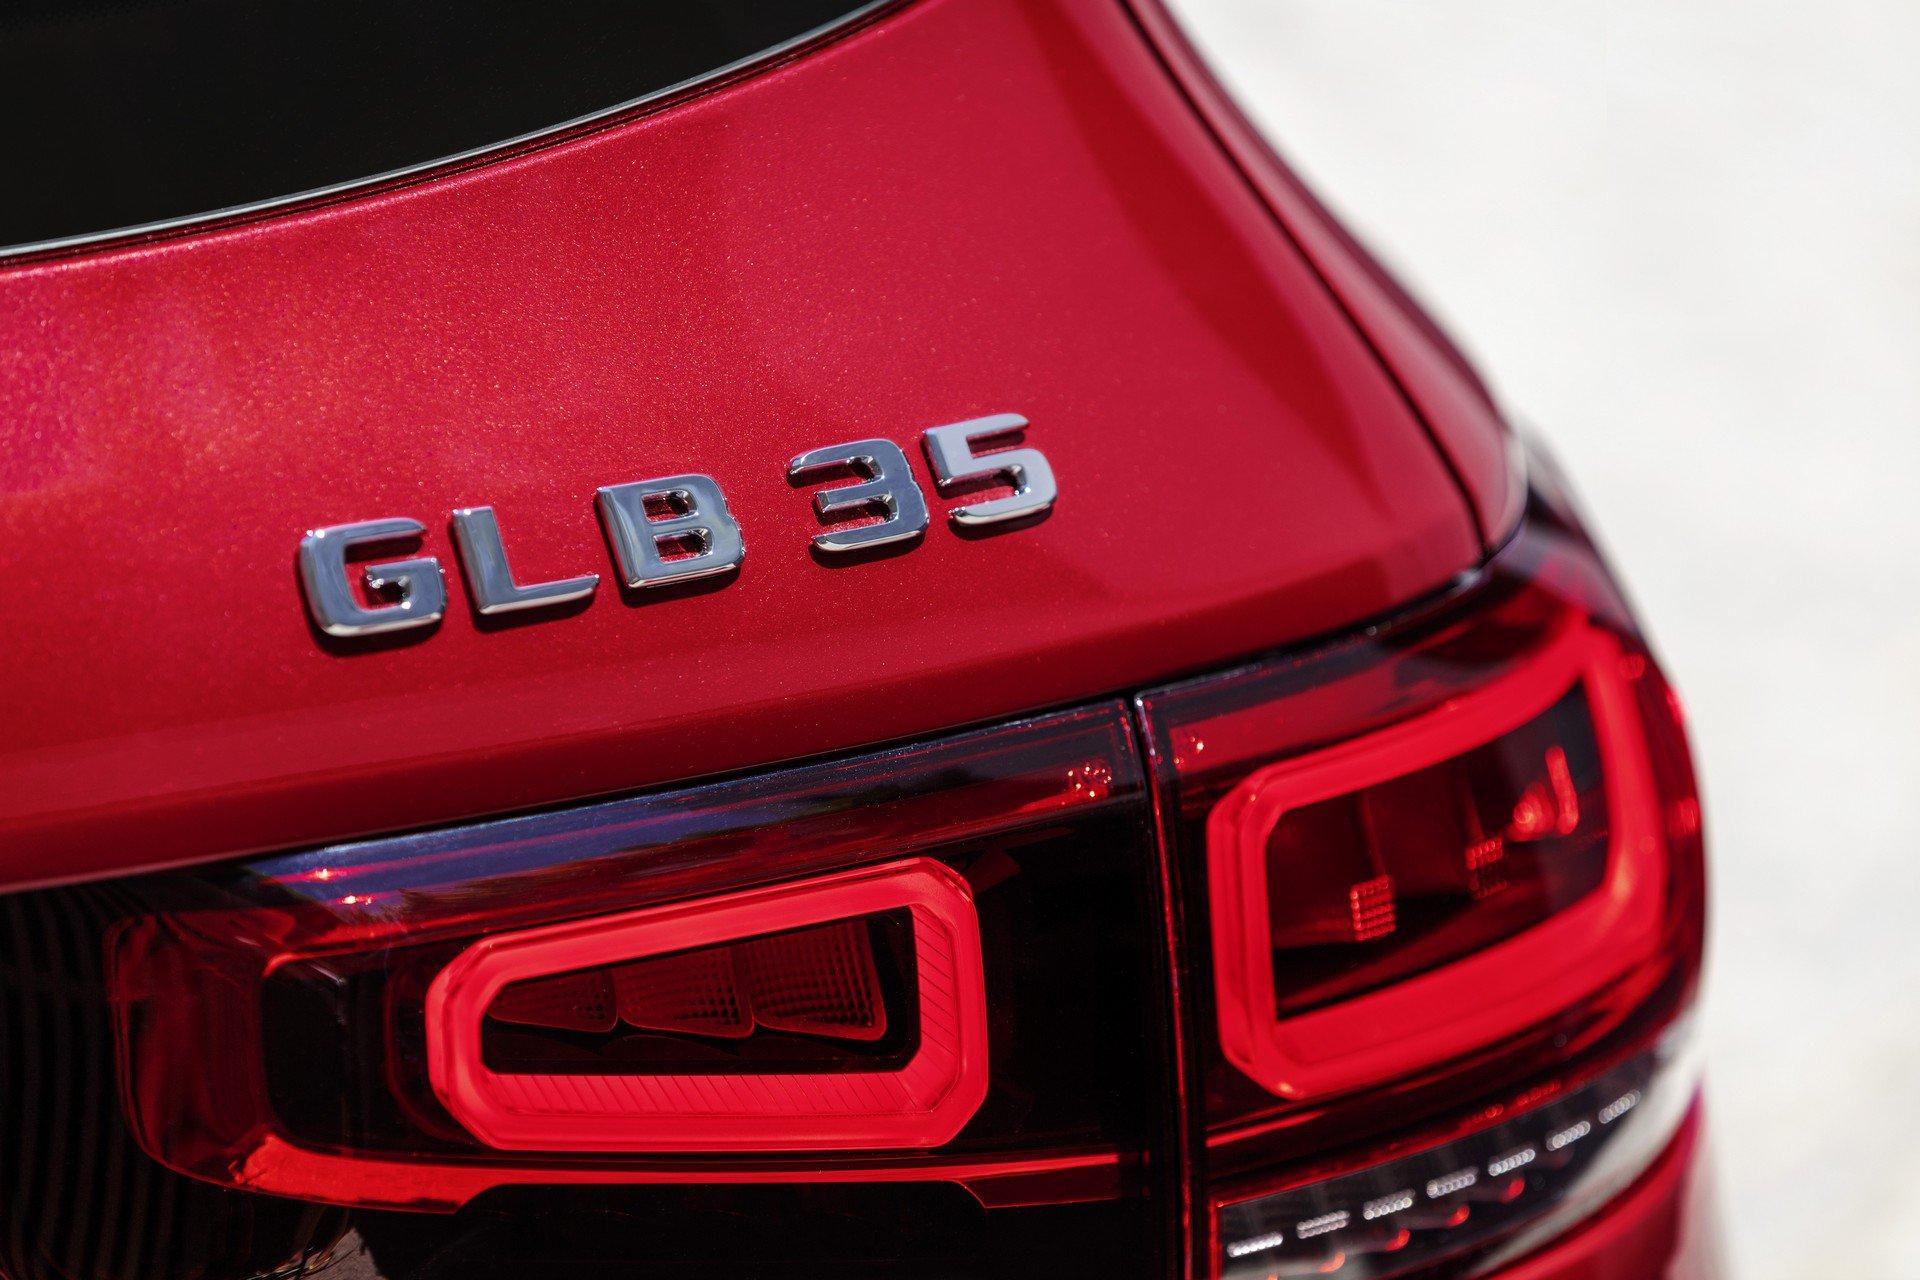 glb-35-amg-03.jpg